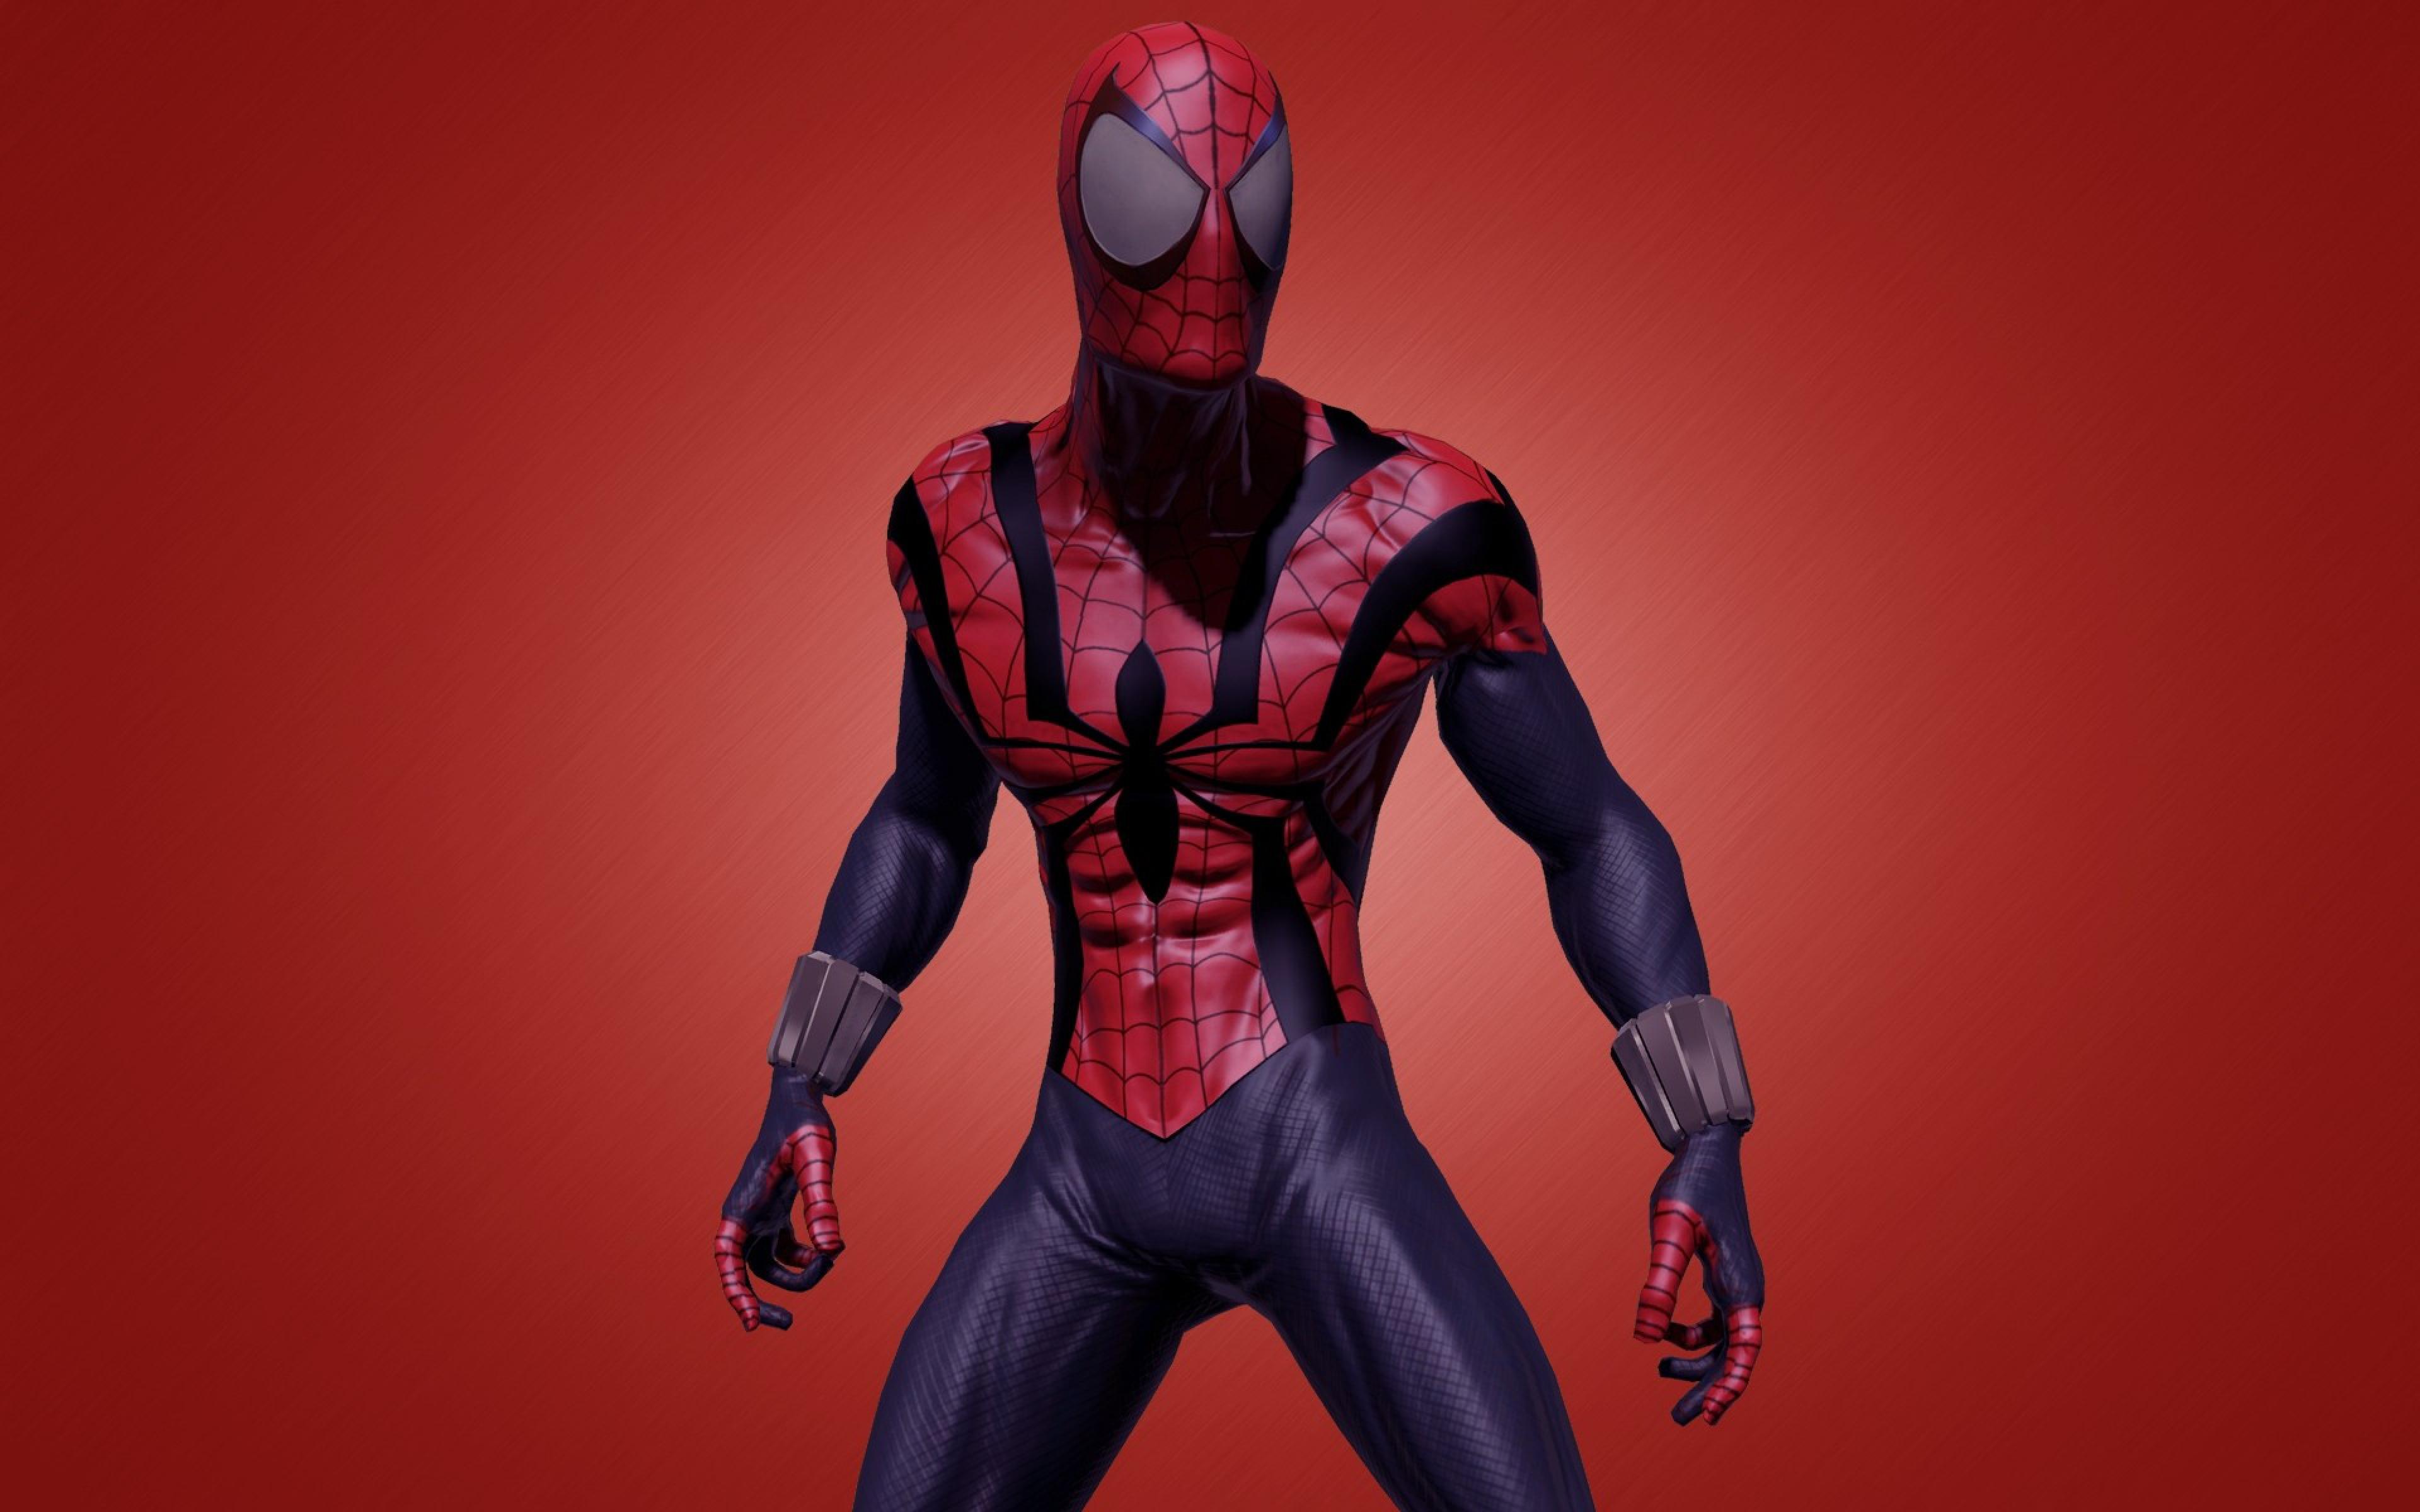 4K Marvel Wallpaper - WallpaperSafari